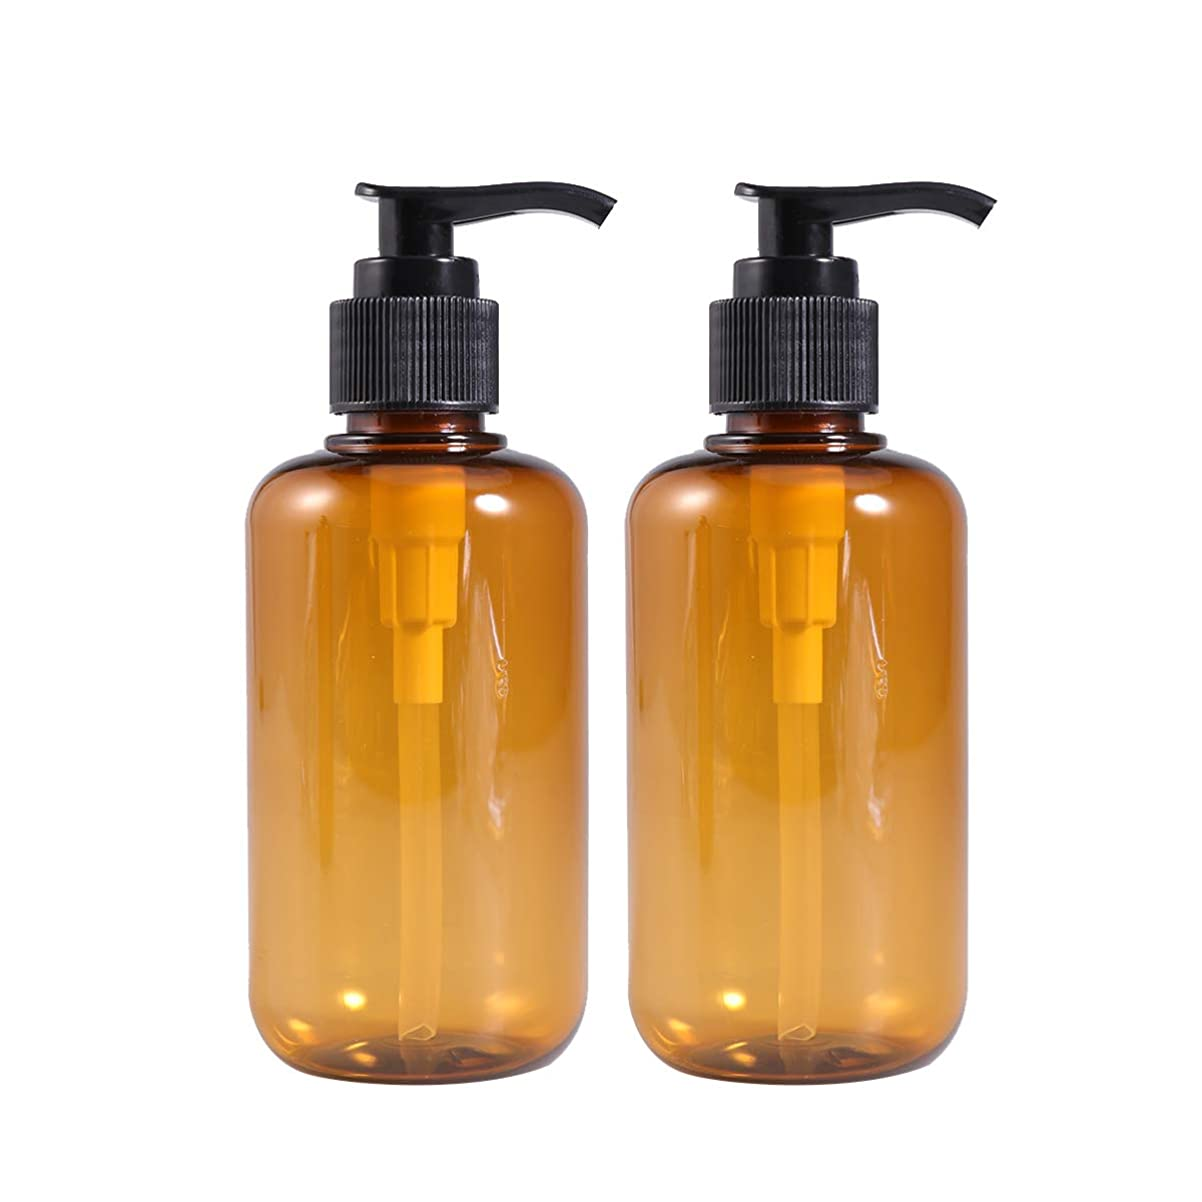 必要真向こう城Frcolor ポンプ瓶 ポンプボトル 200ml 遮光瓶 ドロップポンプ 詰め替えボトル シャンプーハンドソープ 茶色 PET製 2本セット